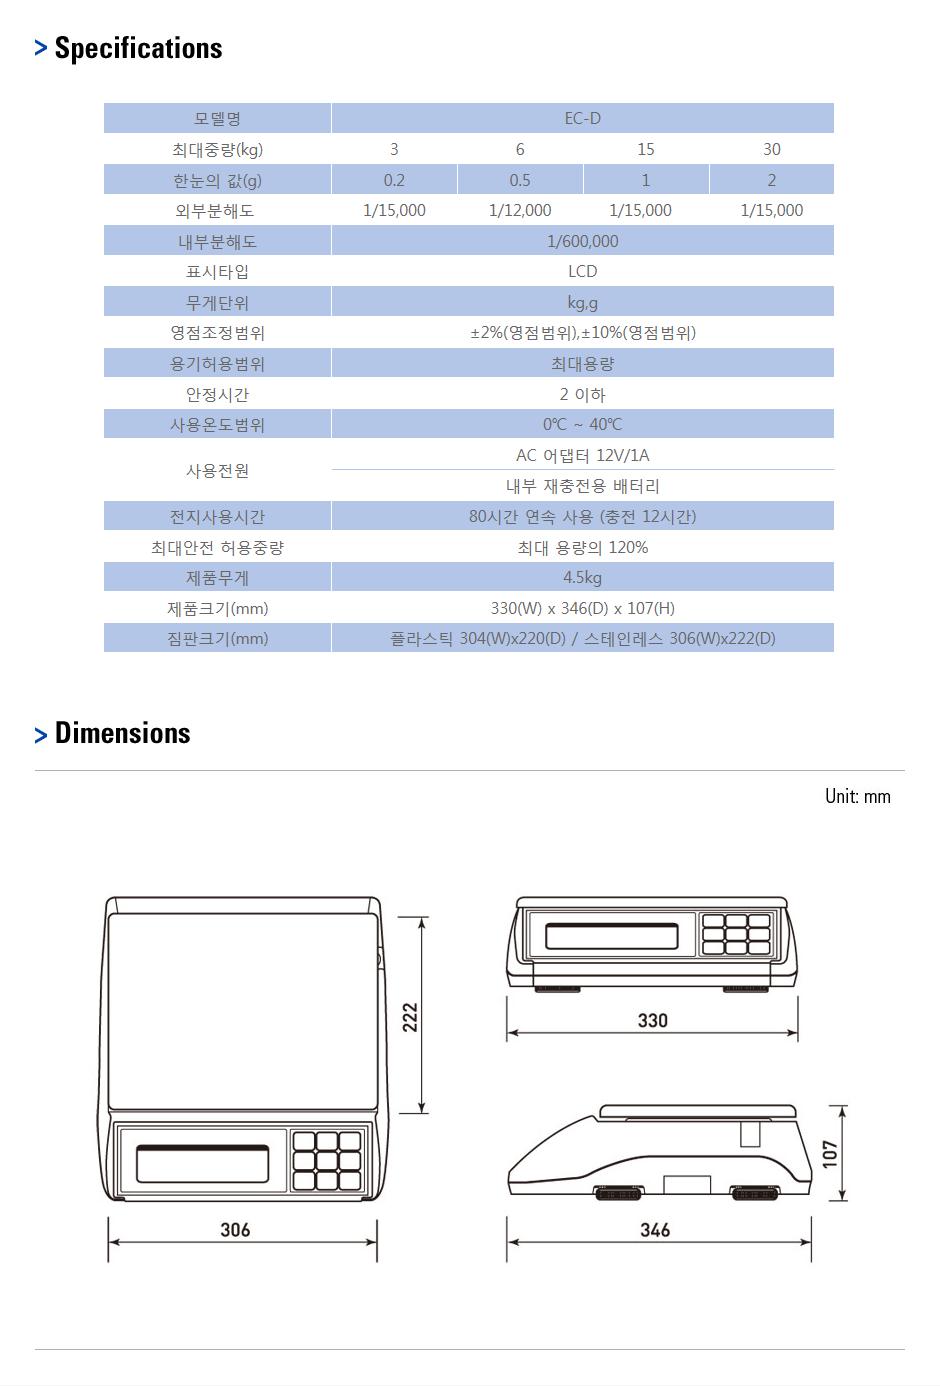 카스 단순 중량 저울 (Smart Weighing Scale) EC-D 1